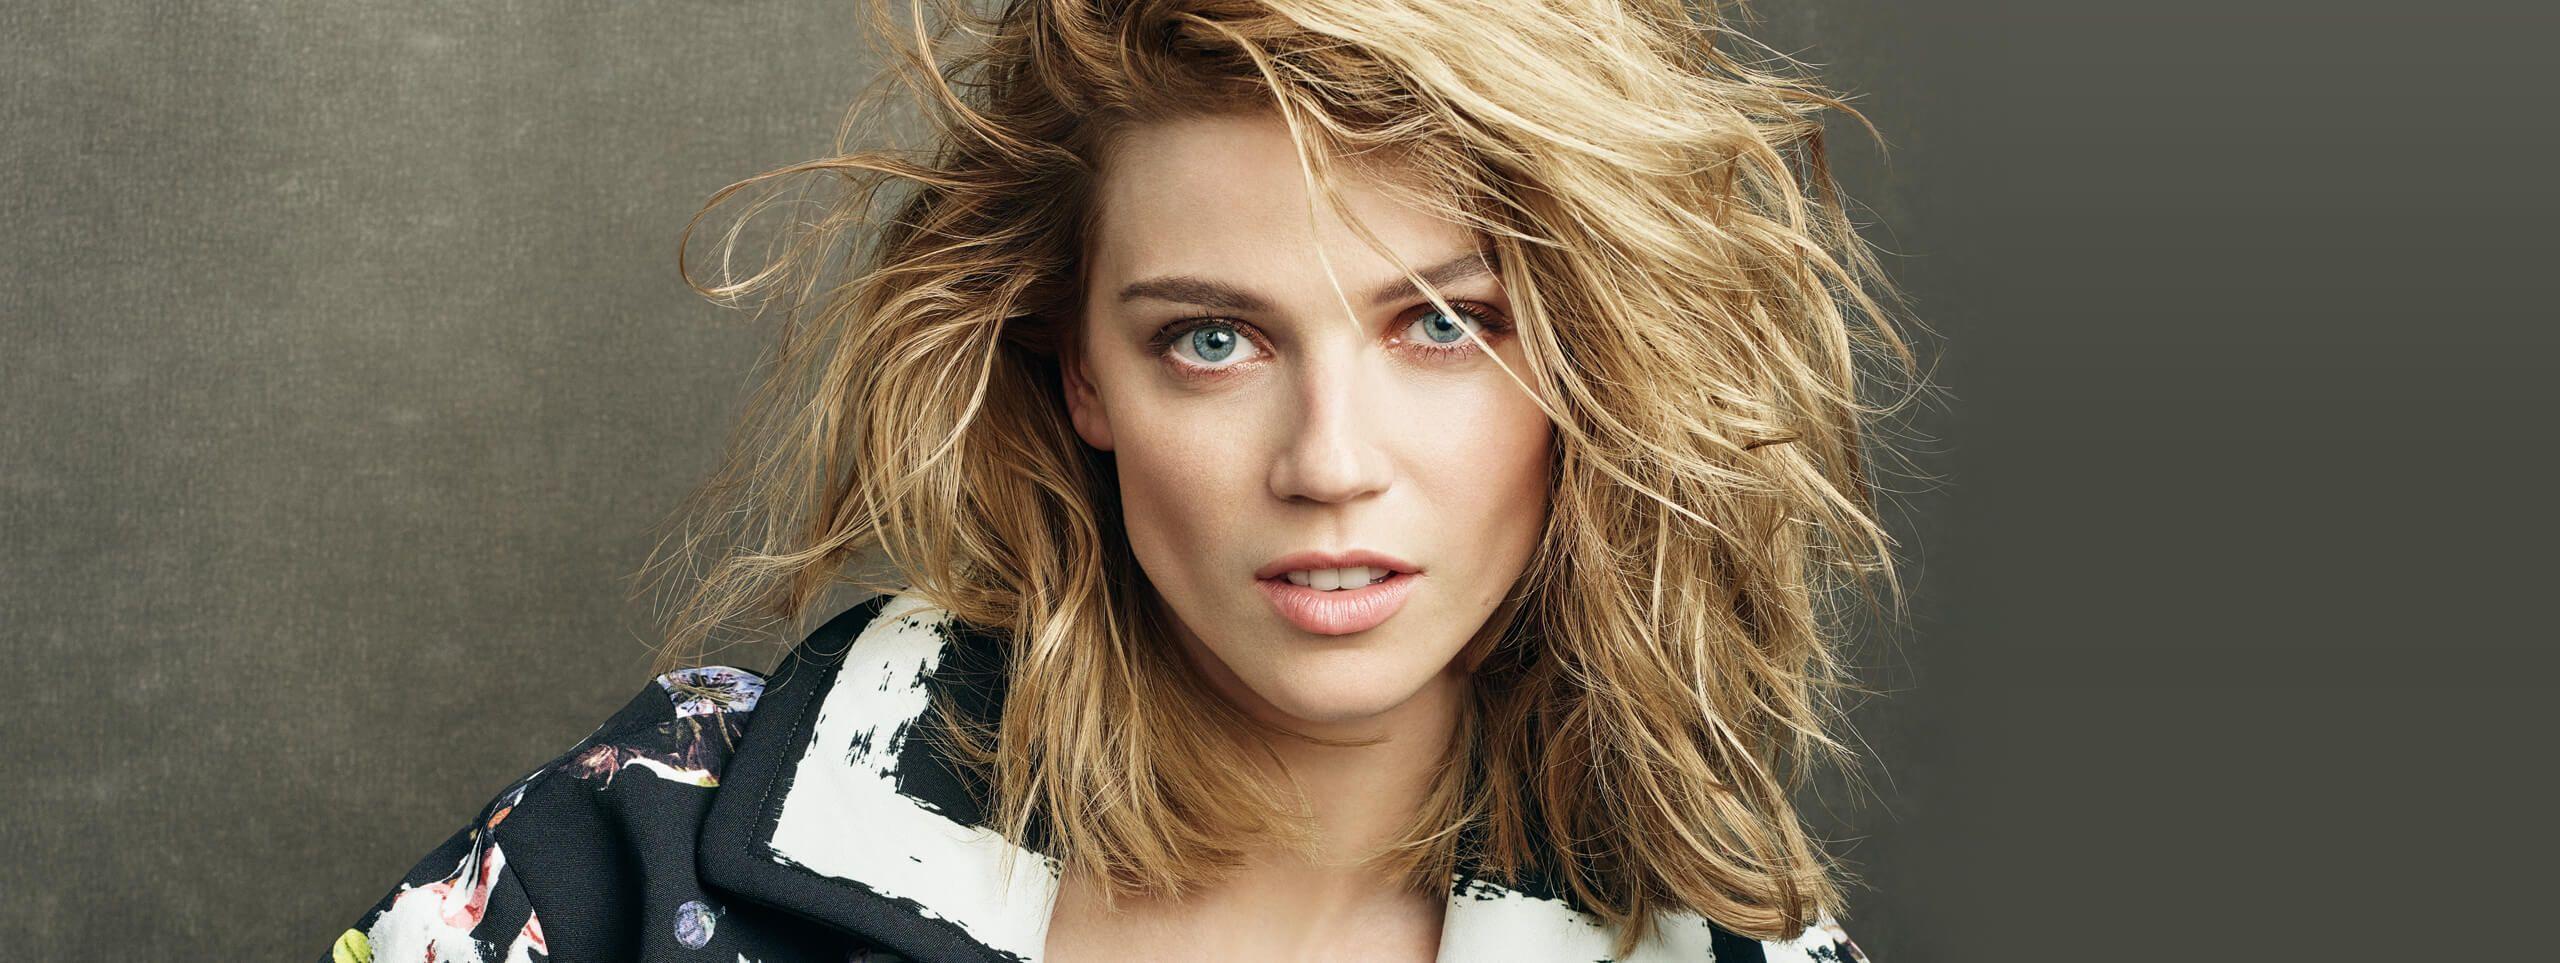 Modelka z rozwianymi blond włosami